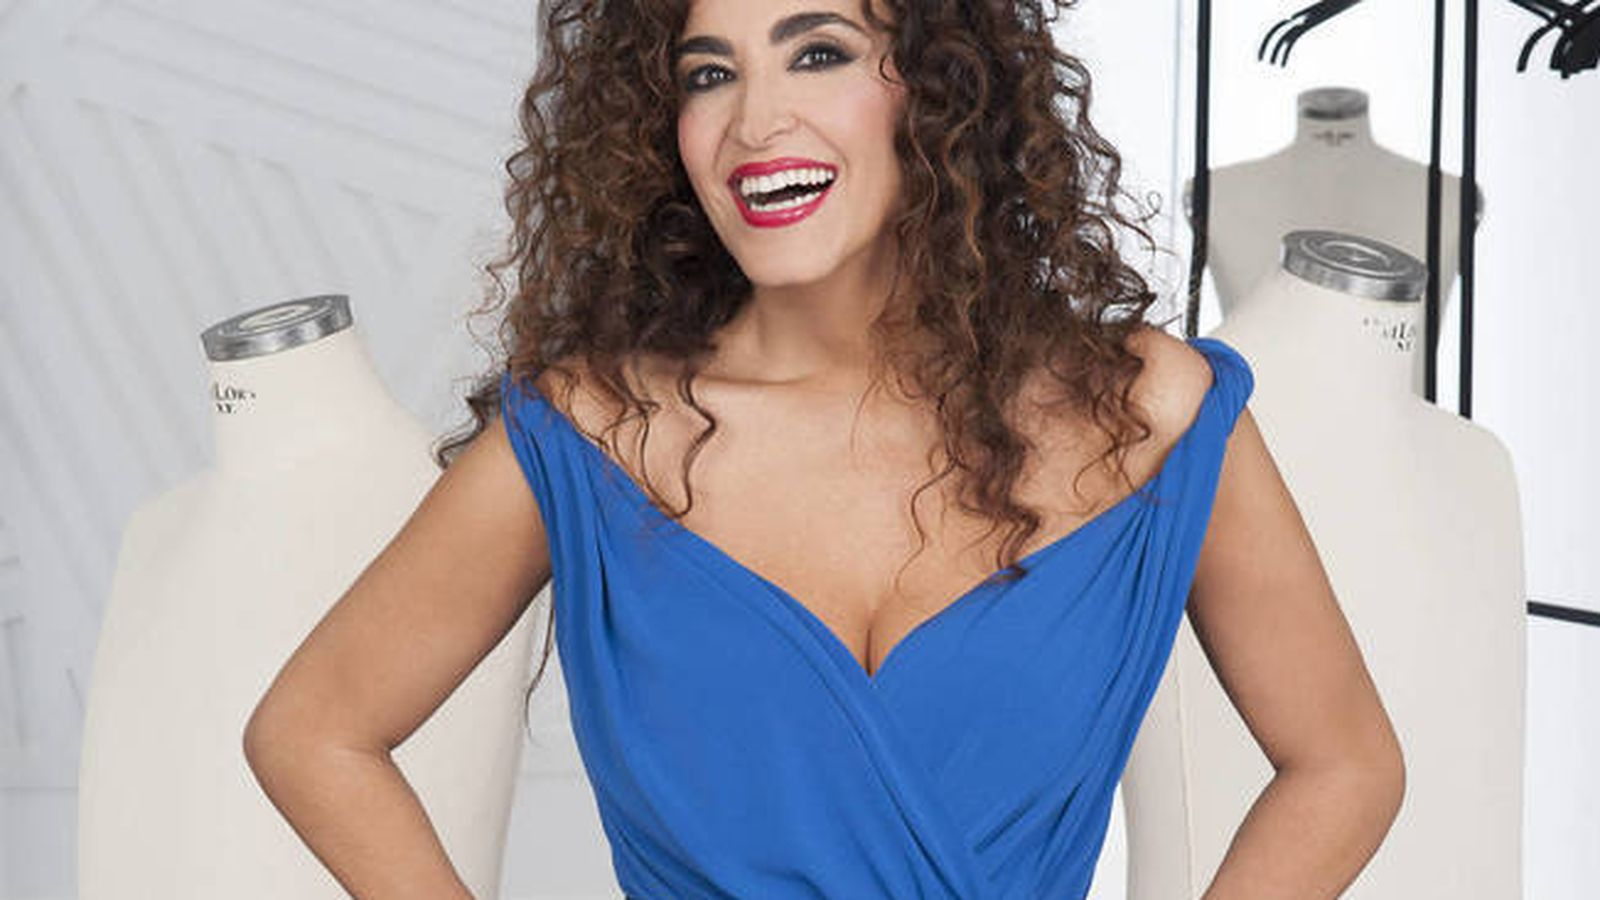 Televisión Cristina Rodríguez Cámbiame Enciende Las Redes Con Su